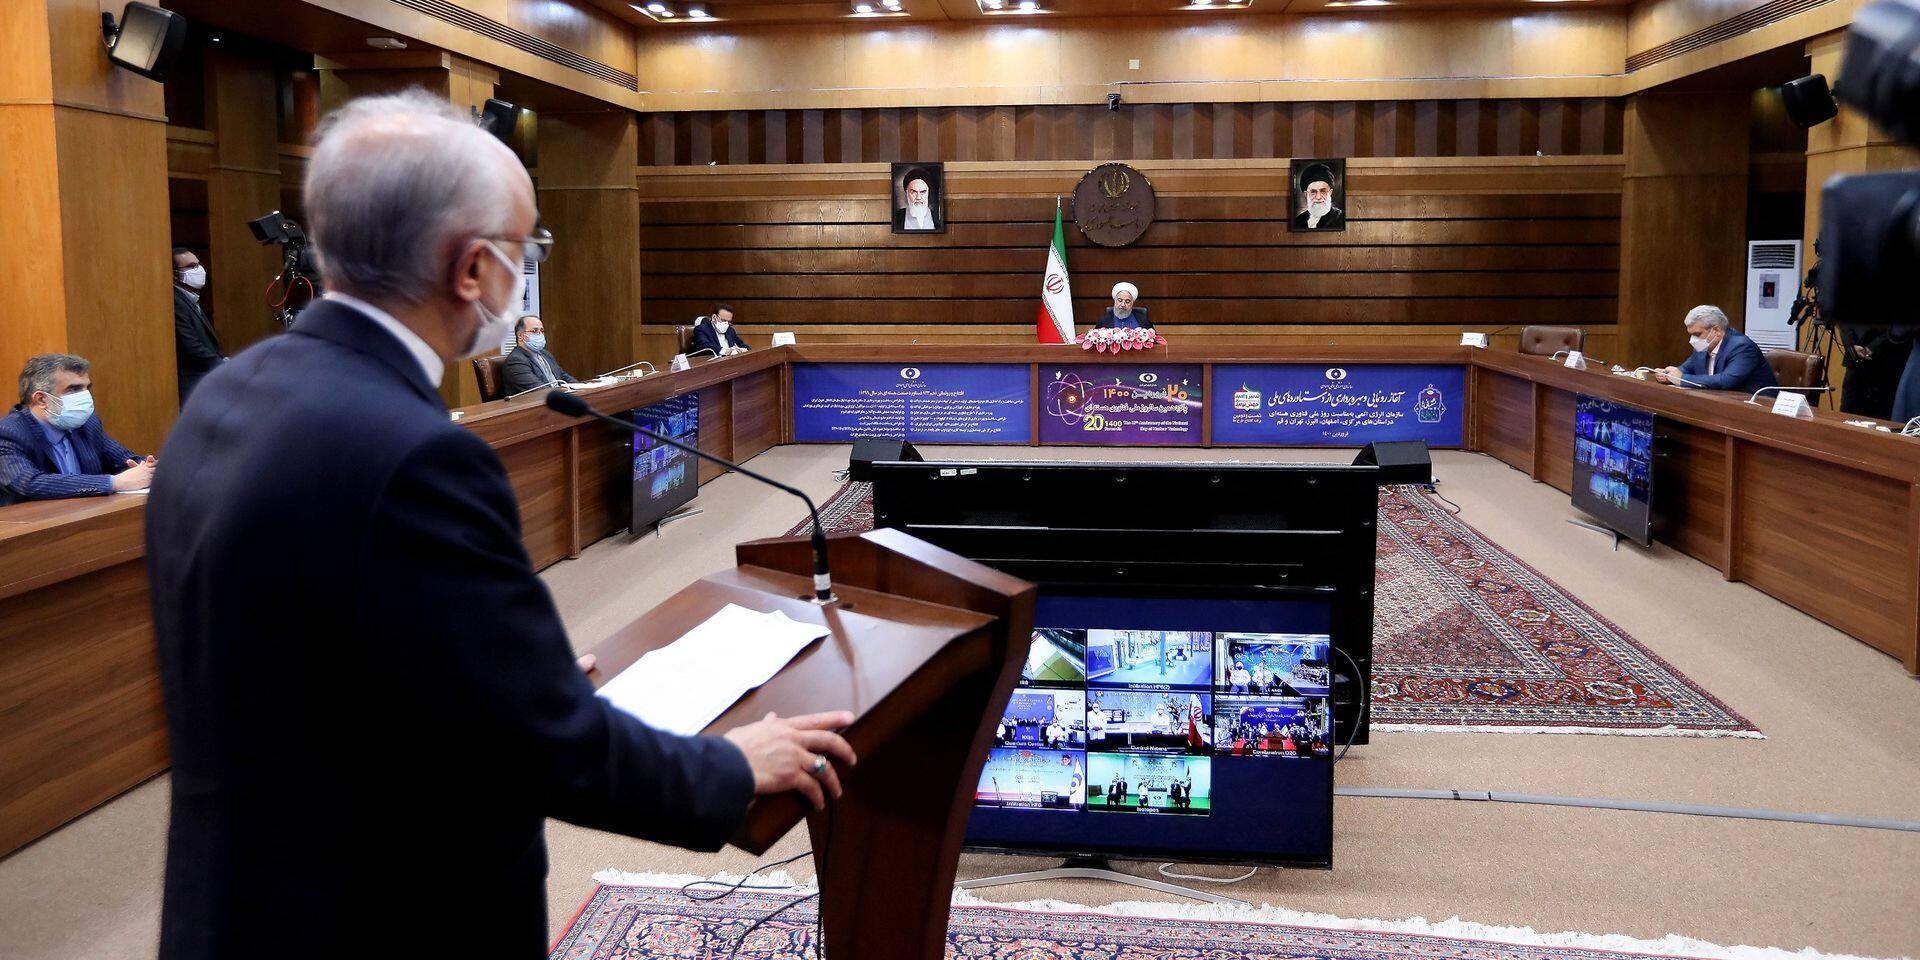 """Son usine de Natanz à nouveau visée, l'Iran crie au """"terrorisme nucléaire"""""""